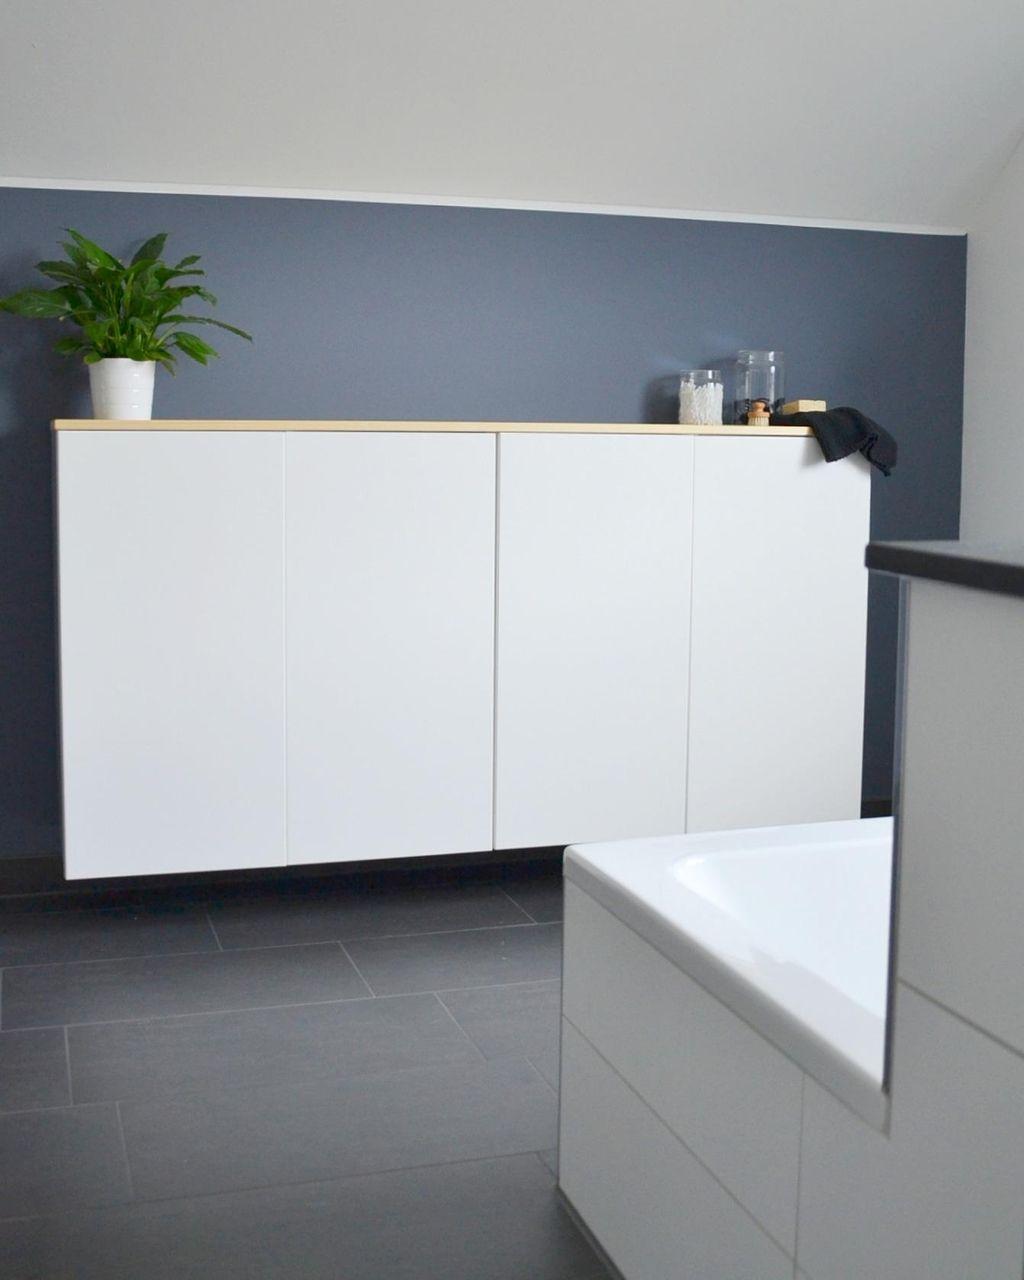 Badezimmer Einrichten Ideen Fur Jede Grosse Badezimmer Schrank Ikea Badschrank Und Badezimmer Regal Holz